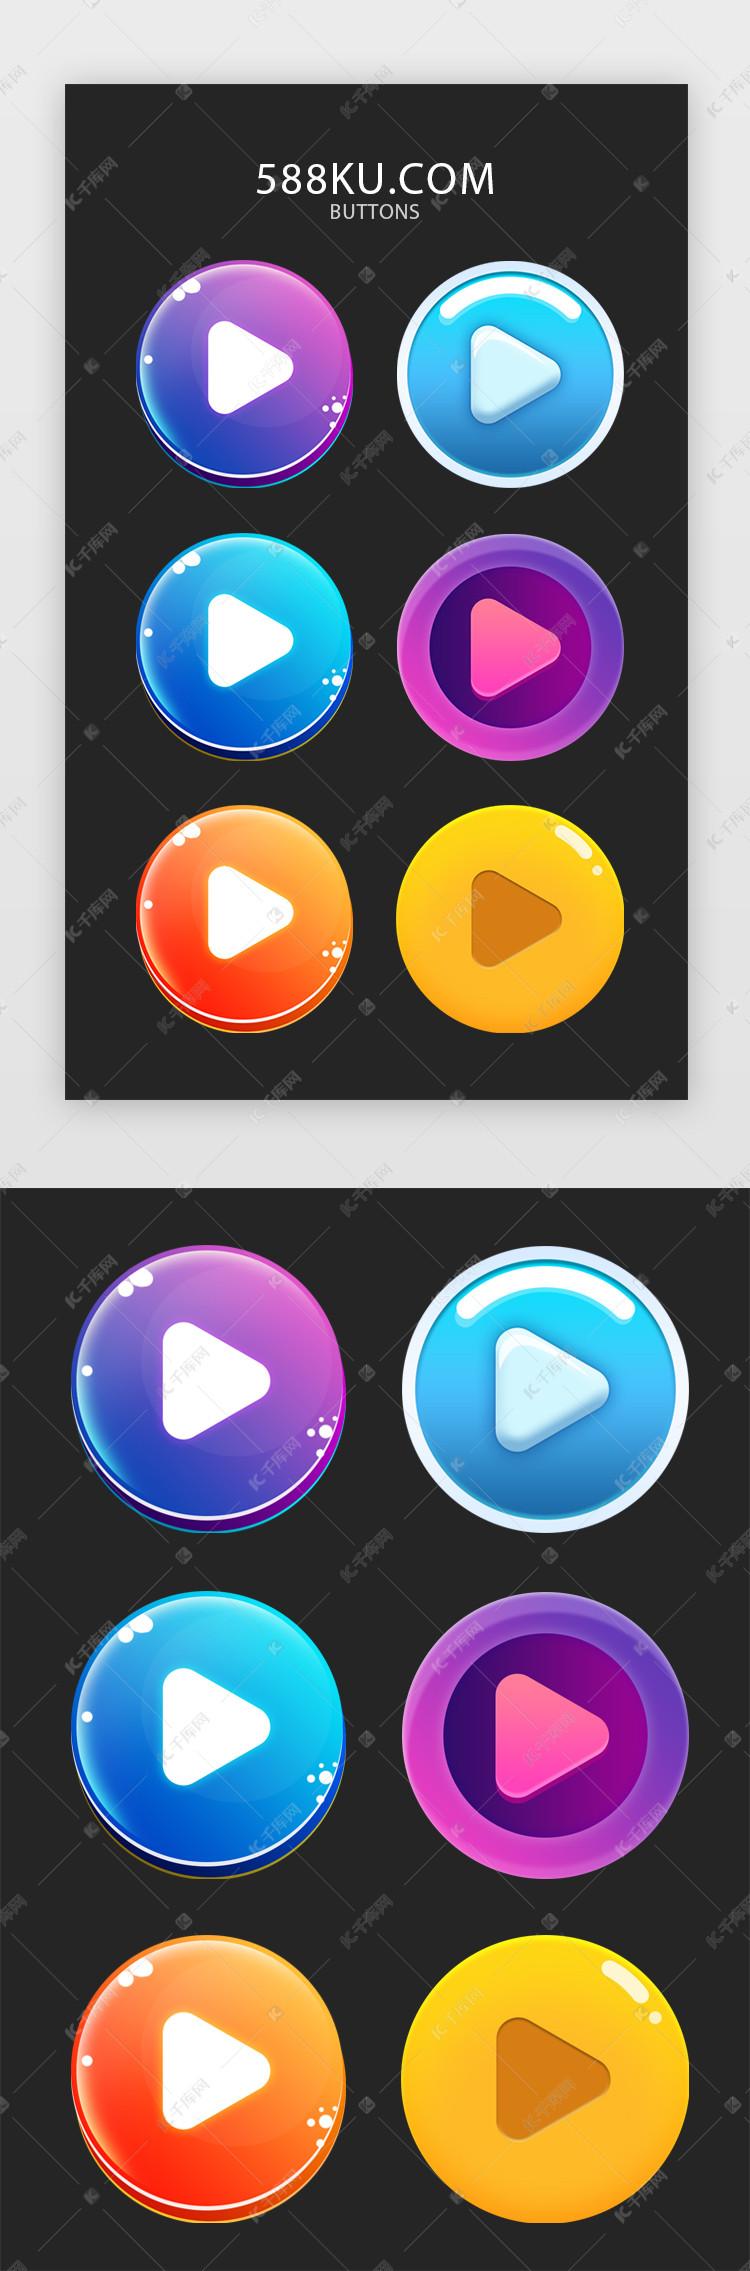 彩色渐变质感播放按钮